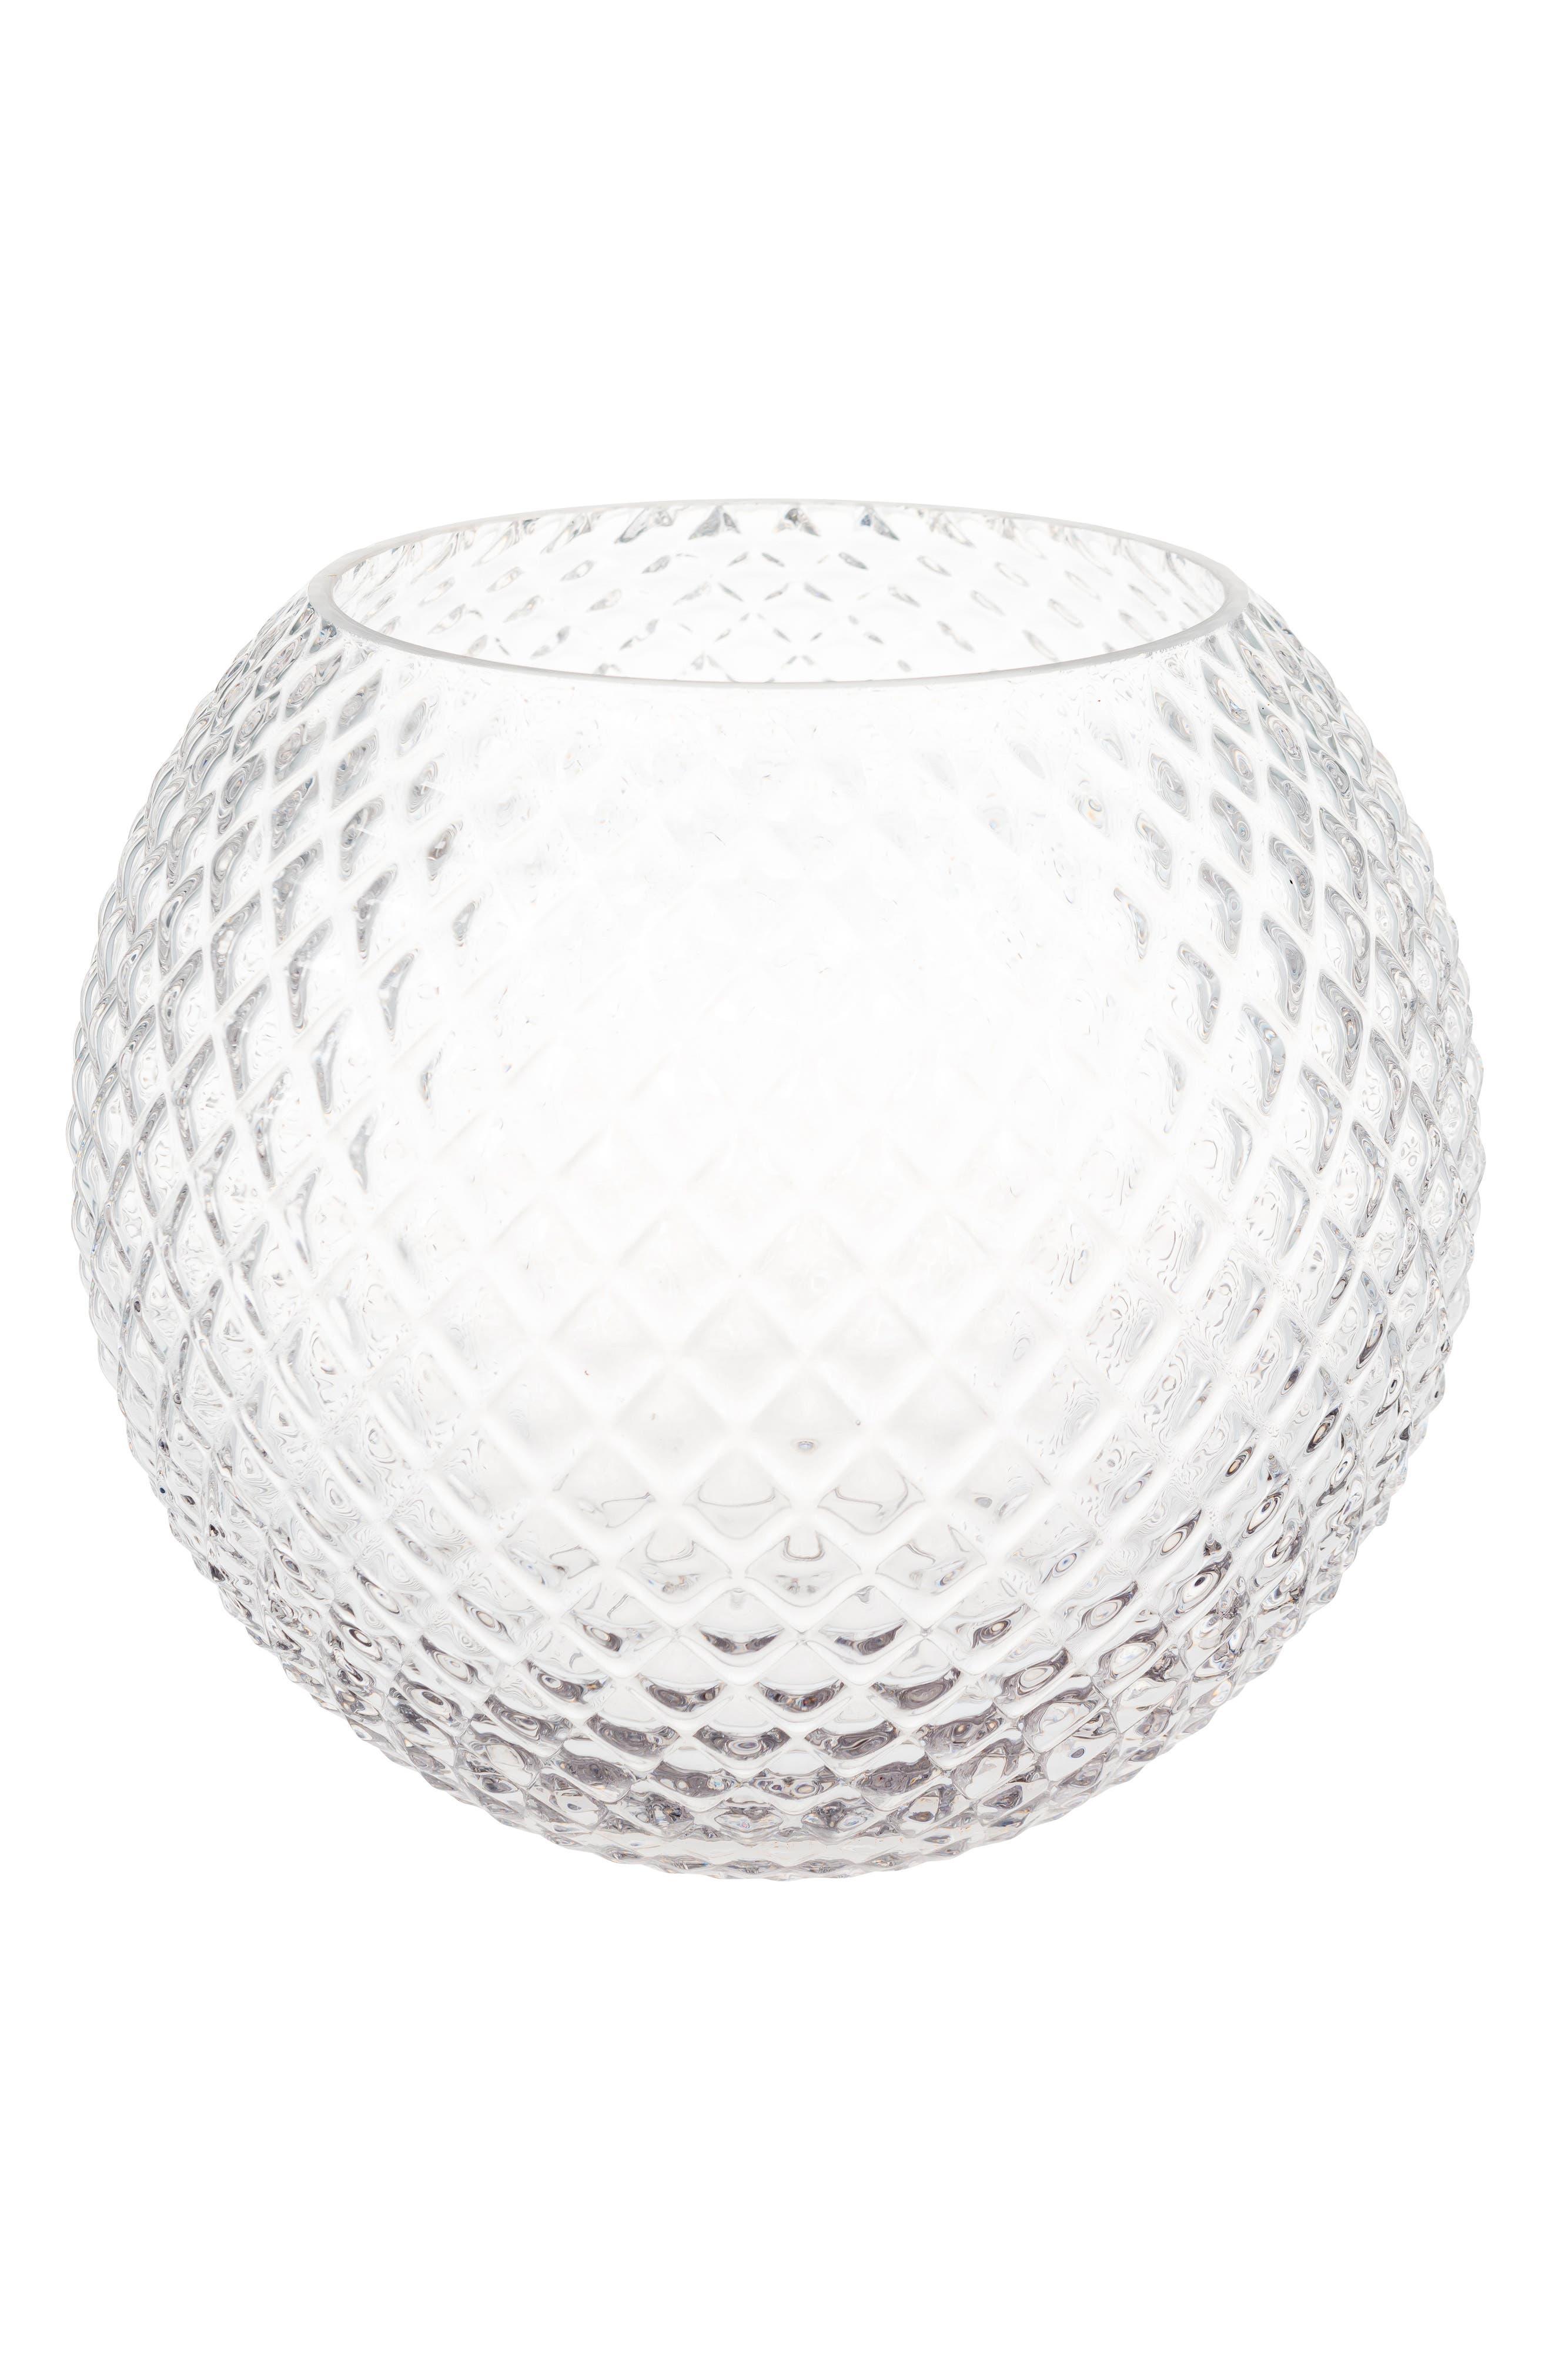 Main Image - Eightmood Ilse Glass Vase